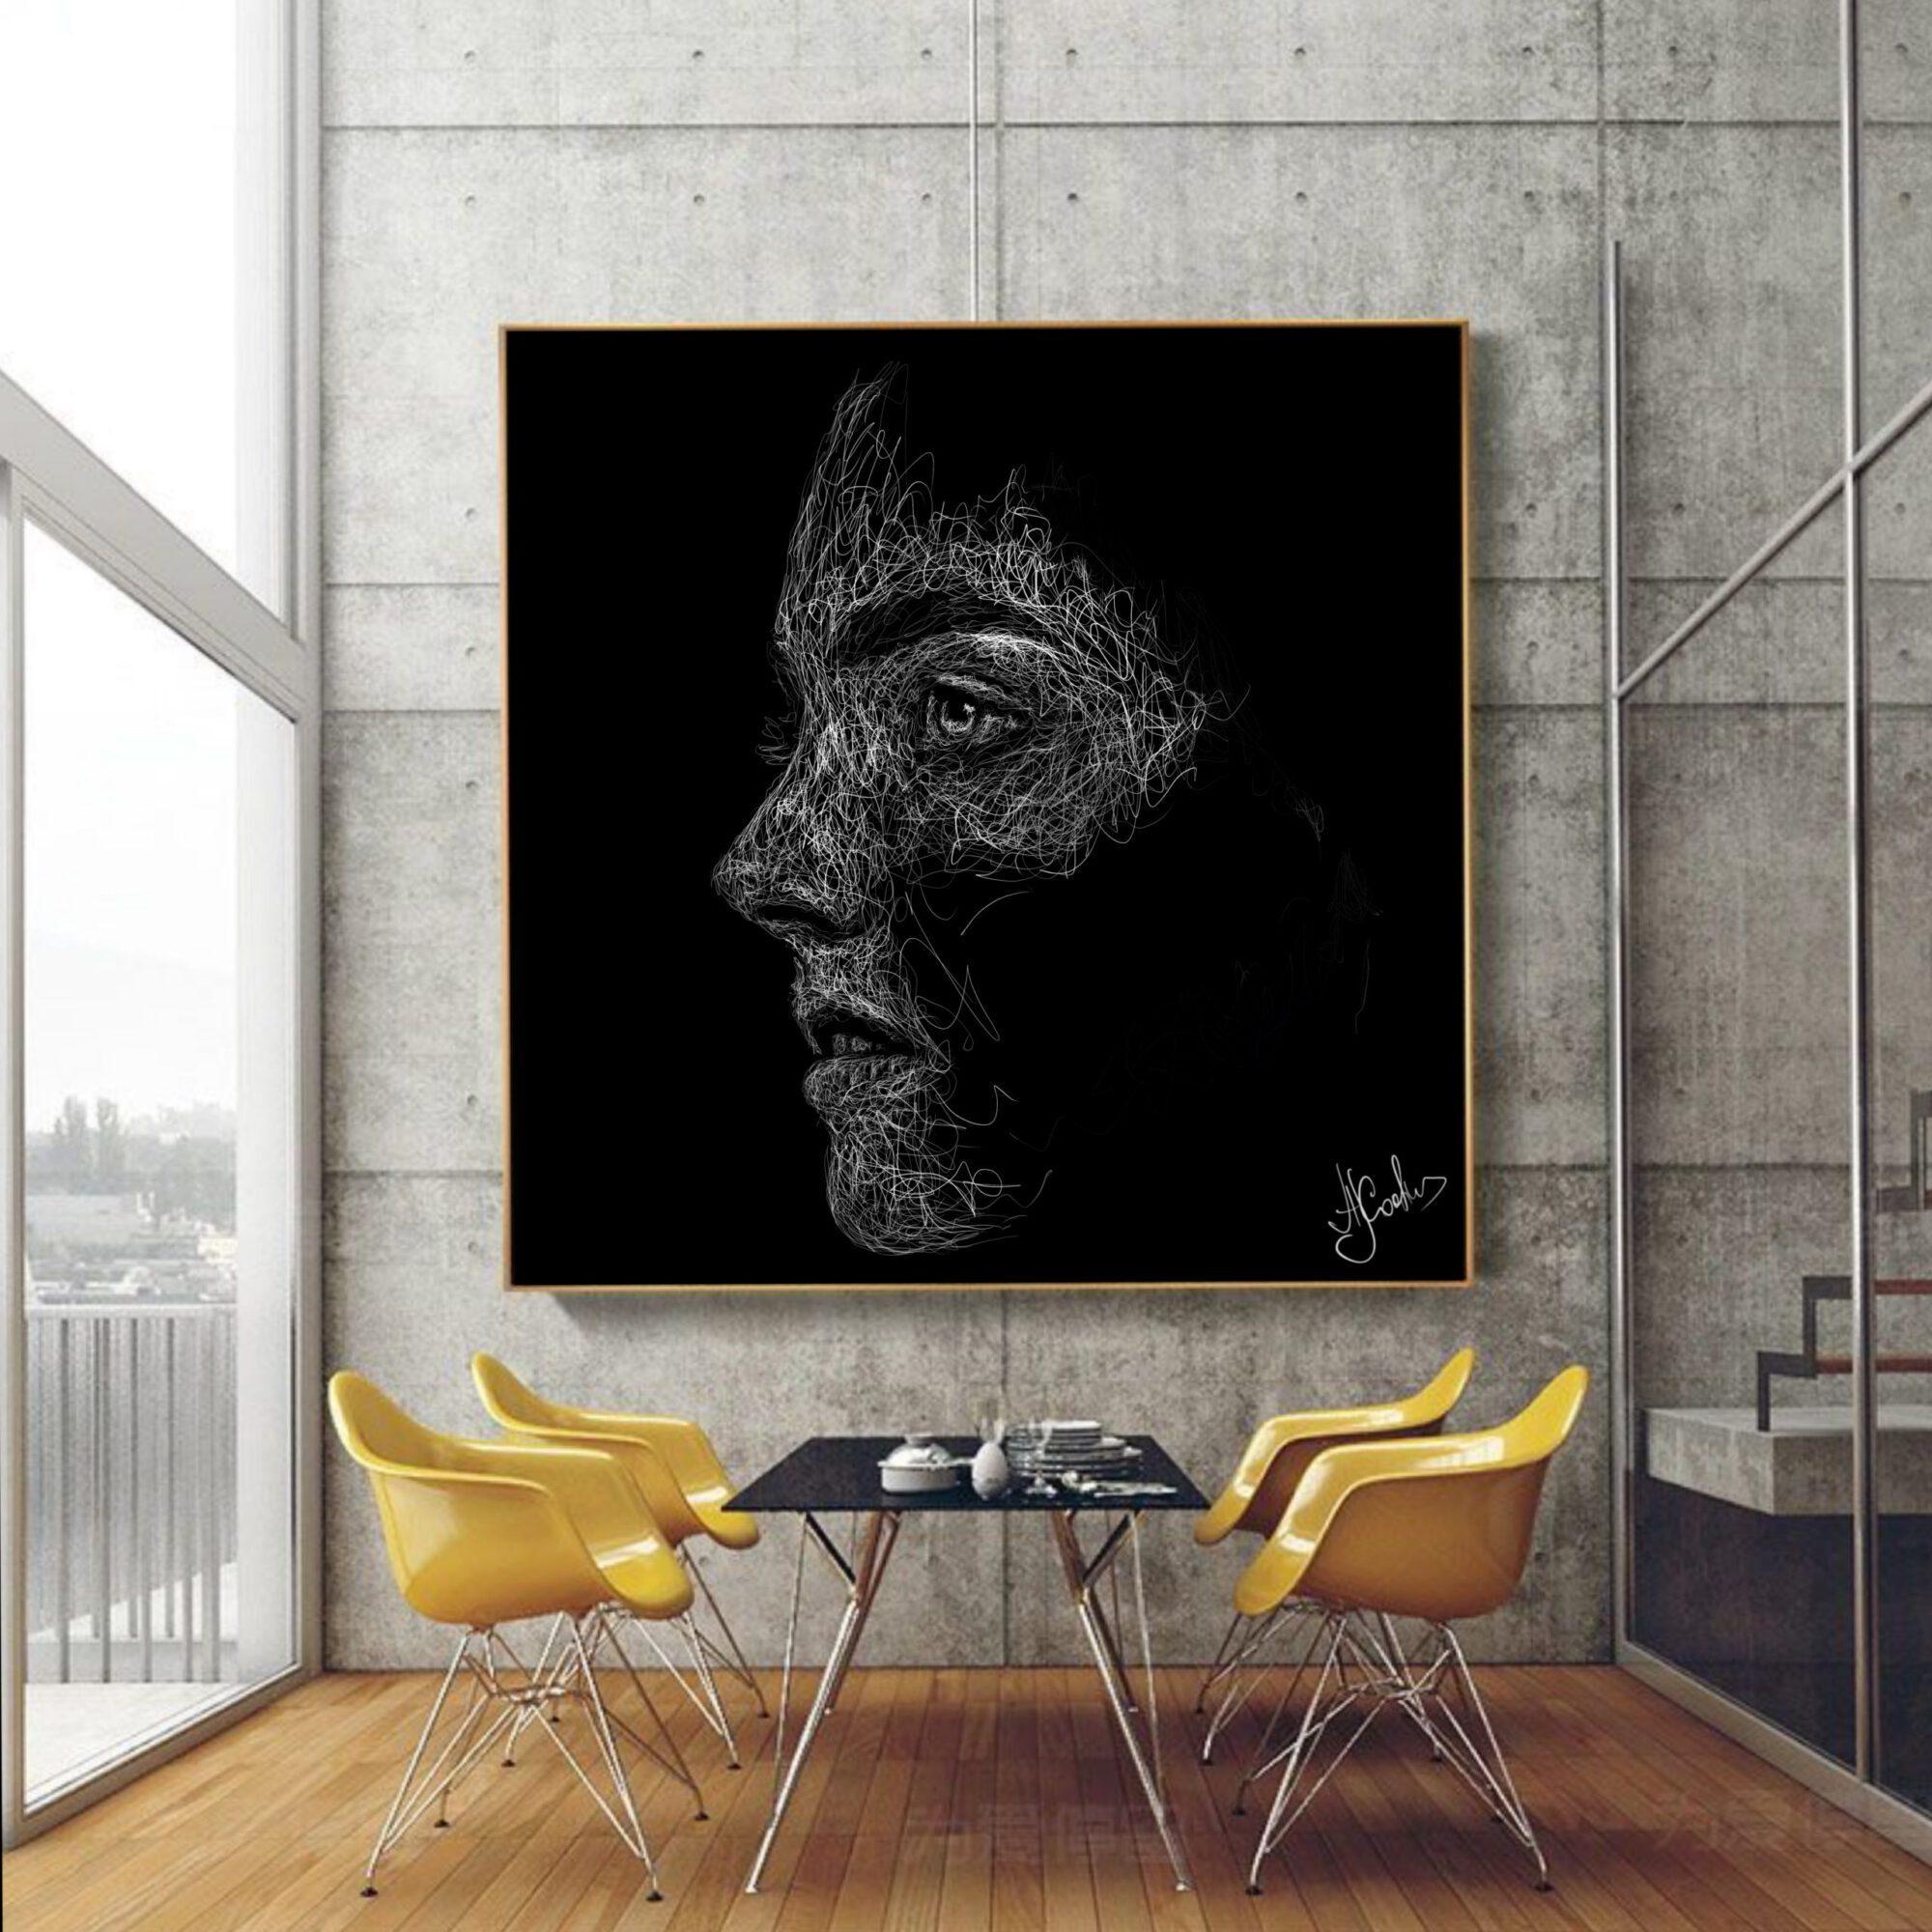 תמונה אומנות פורטרט ארט ליין רקע שחור